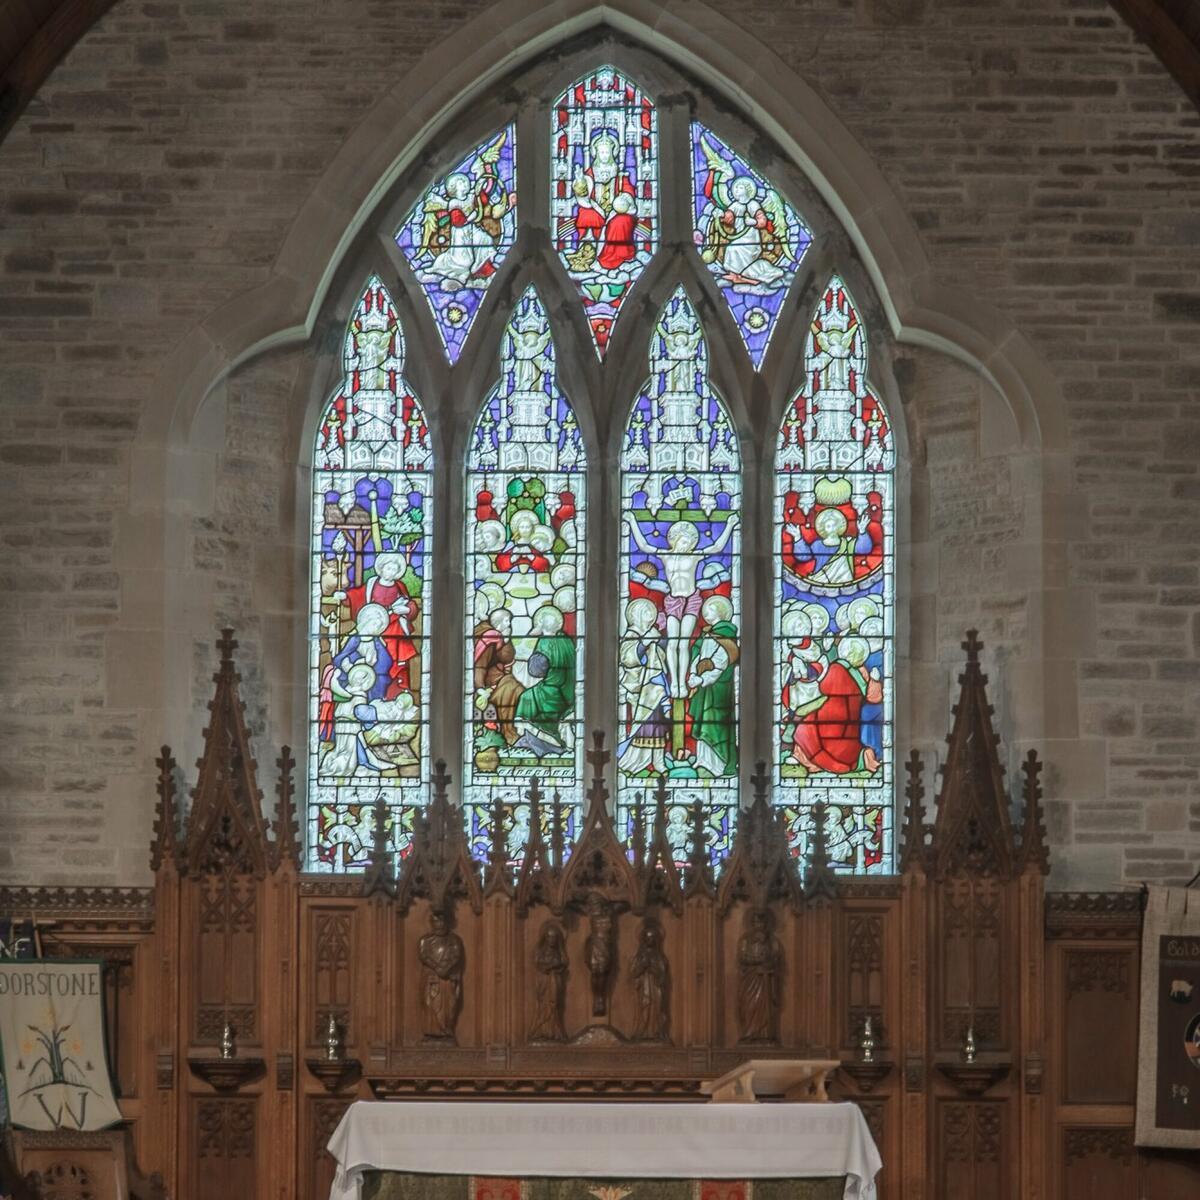 Clayton & Bell Memorial window